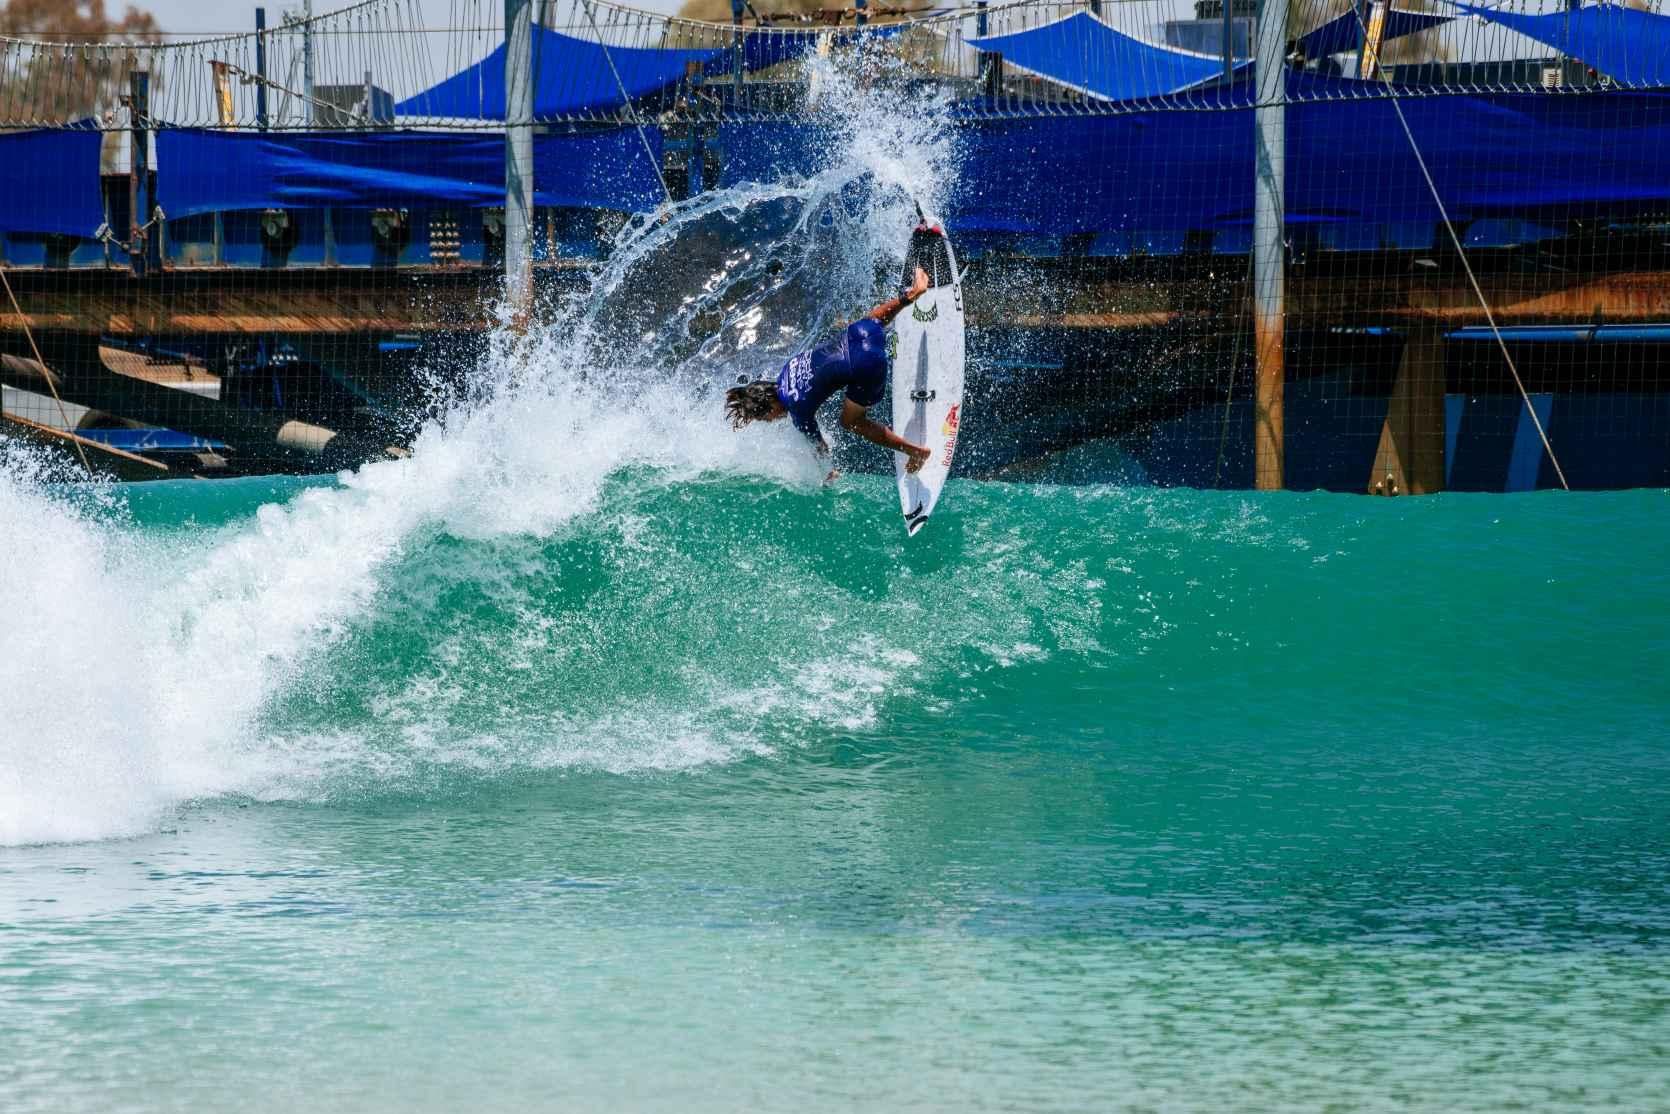 surf30 surf ranch pro 2021 wsl surf Crisanto P Ranch21 PNN 3558